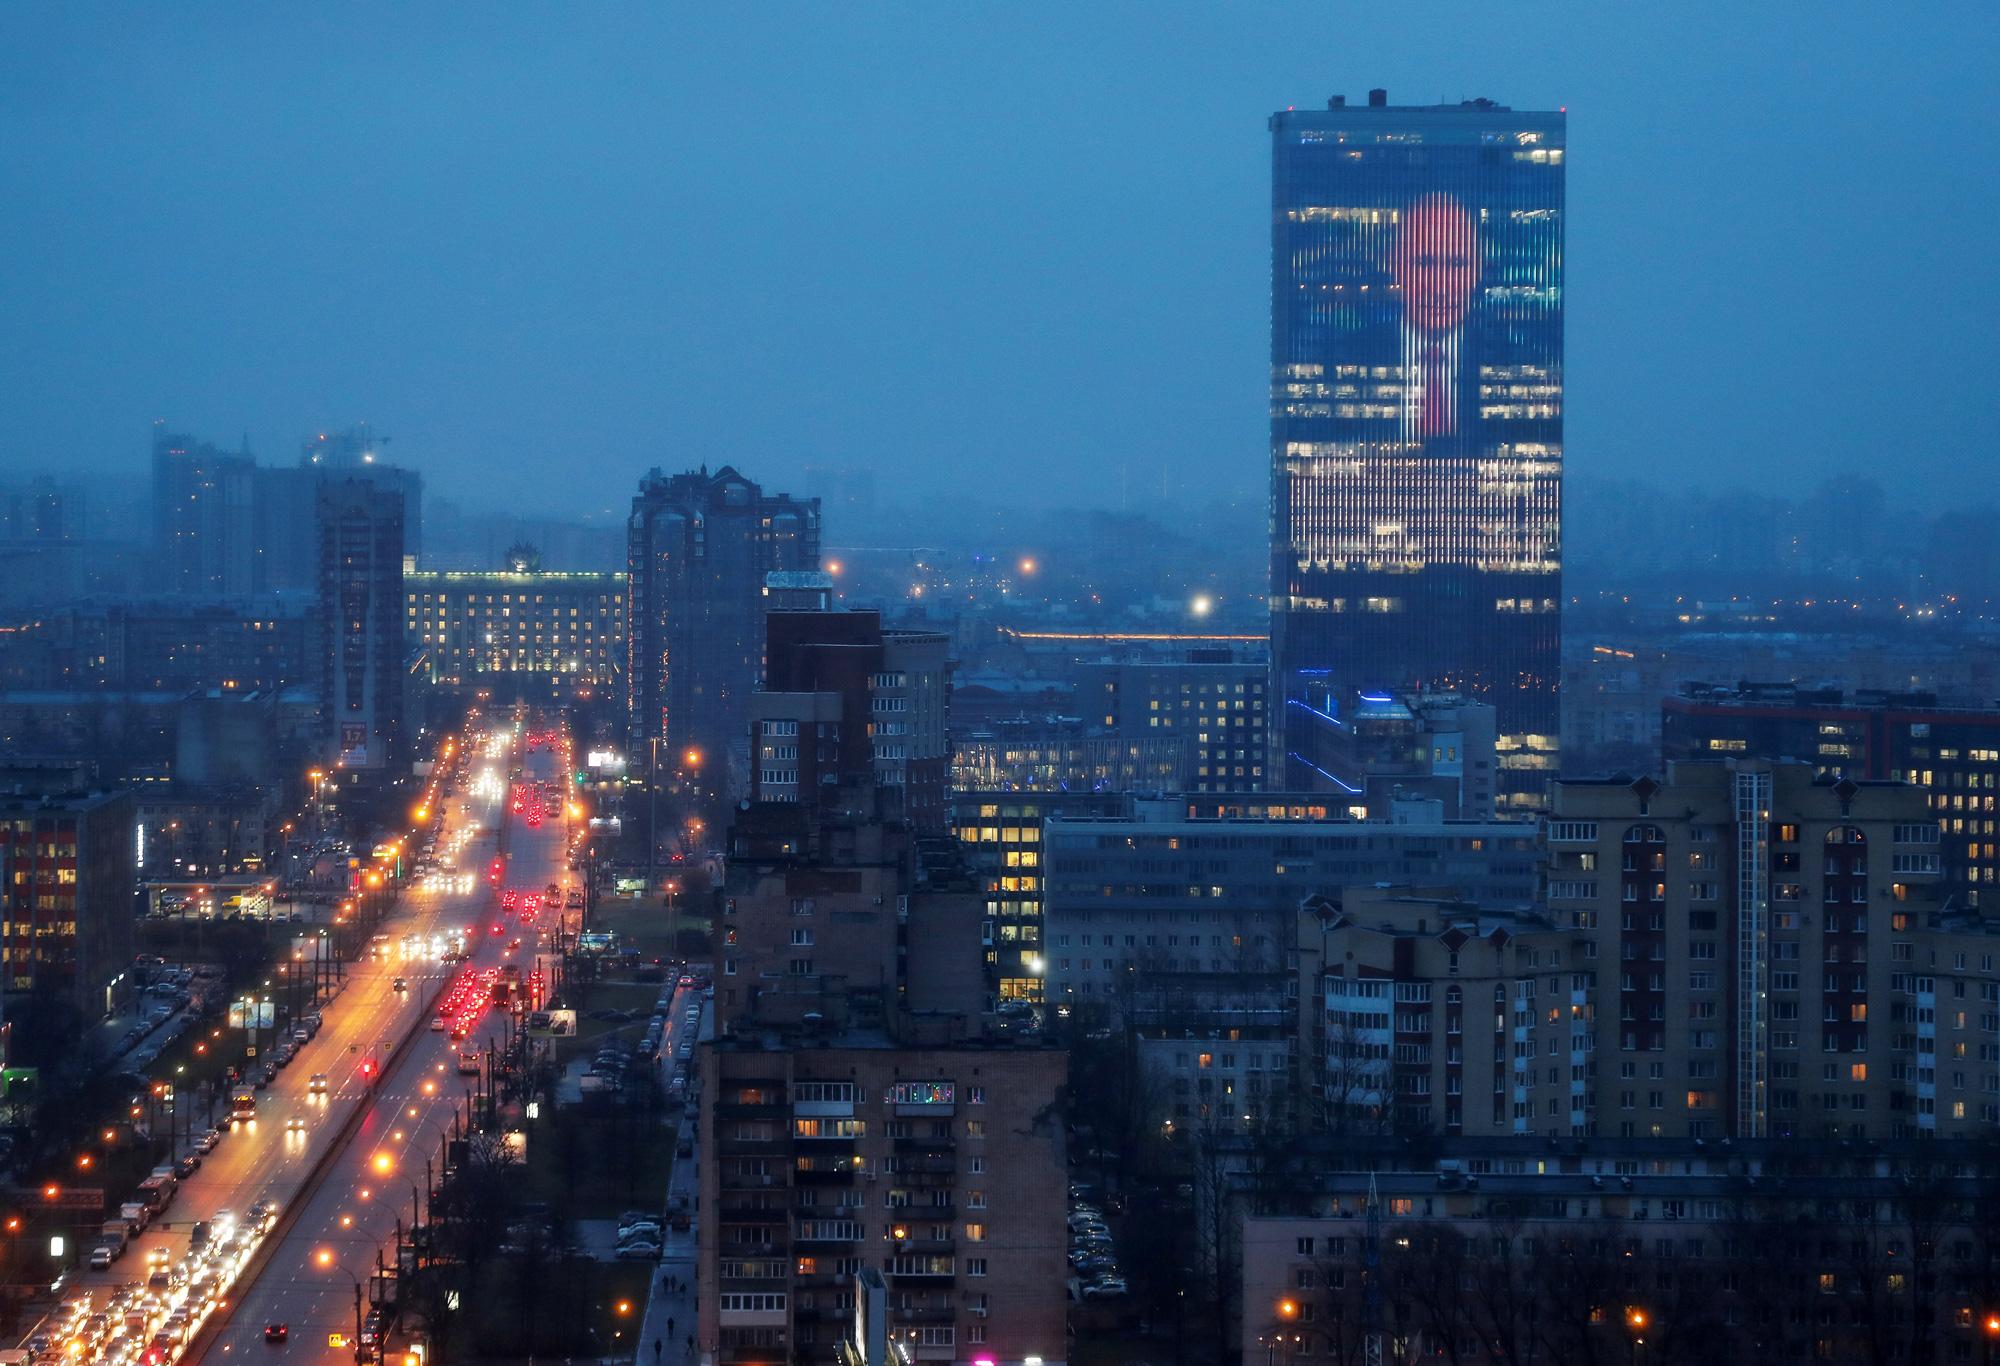 15 января: экран, установленный нафасаде бизнес-центра, показывает изображение президента России Владимира Путина ицитату изего ежегодного обращения кФедеральному Собранию.